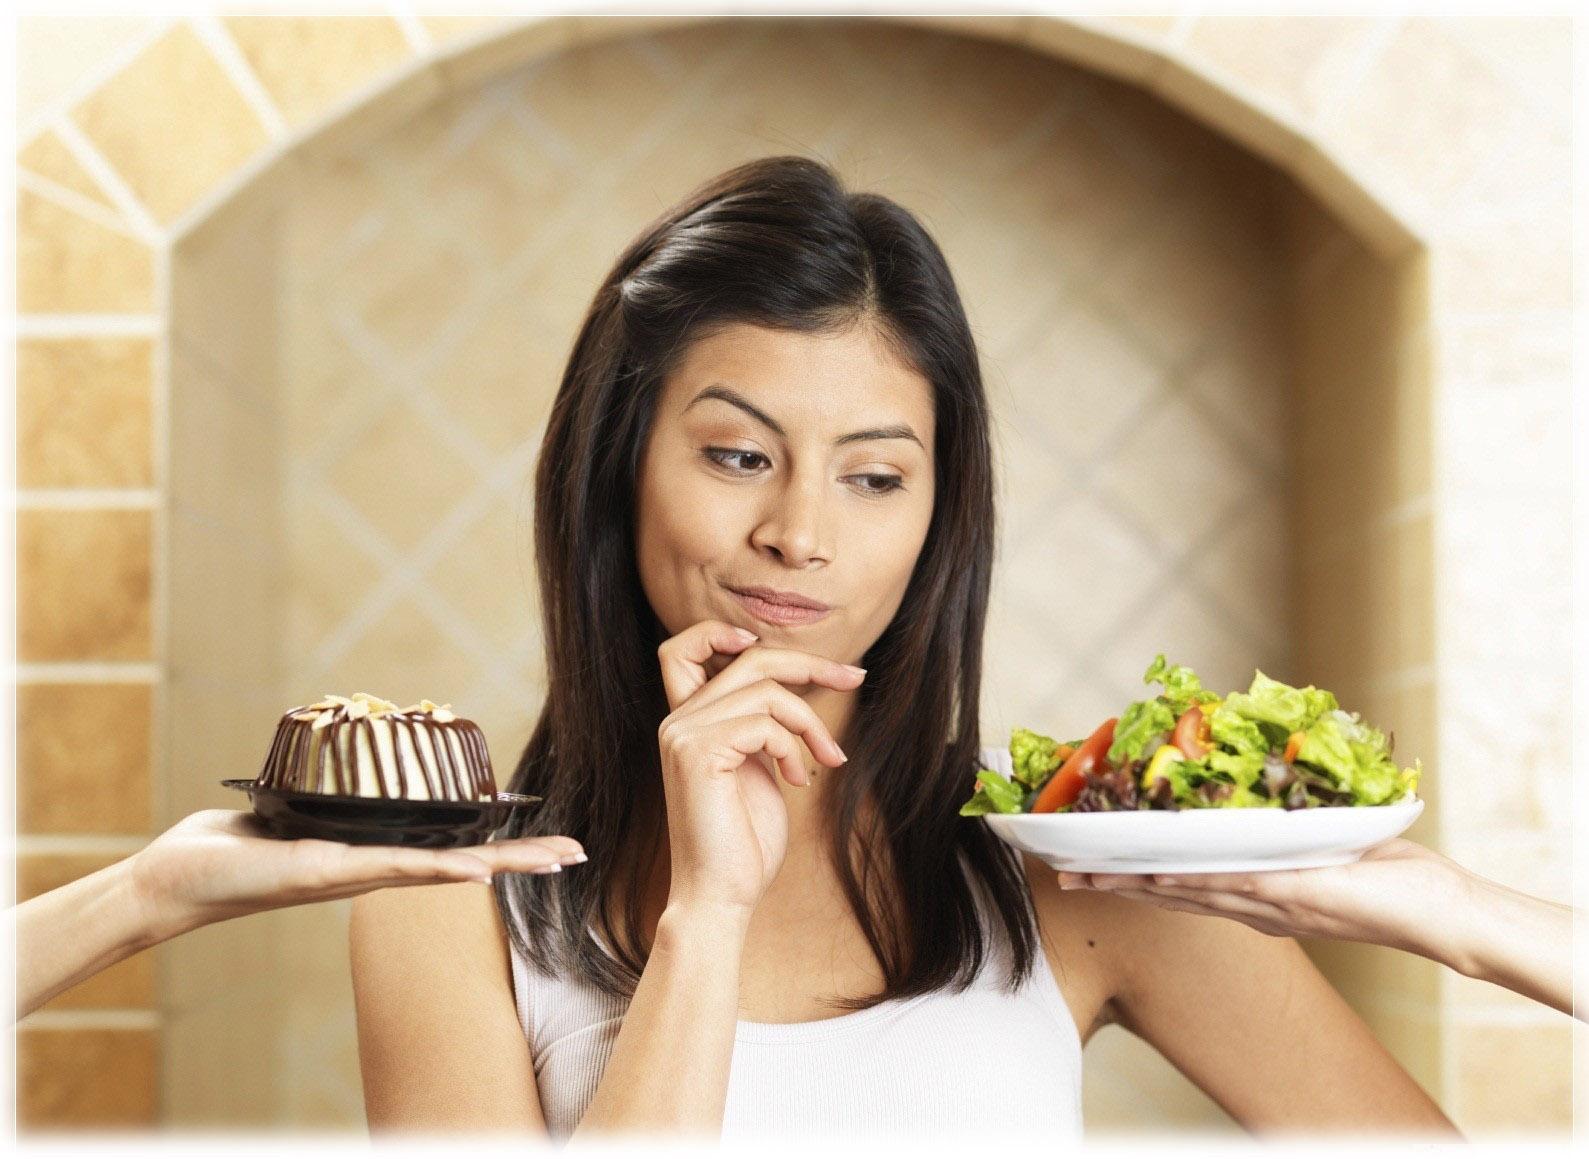 Какие продукты можно есть чтобы похудеть список продуктов